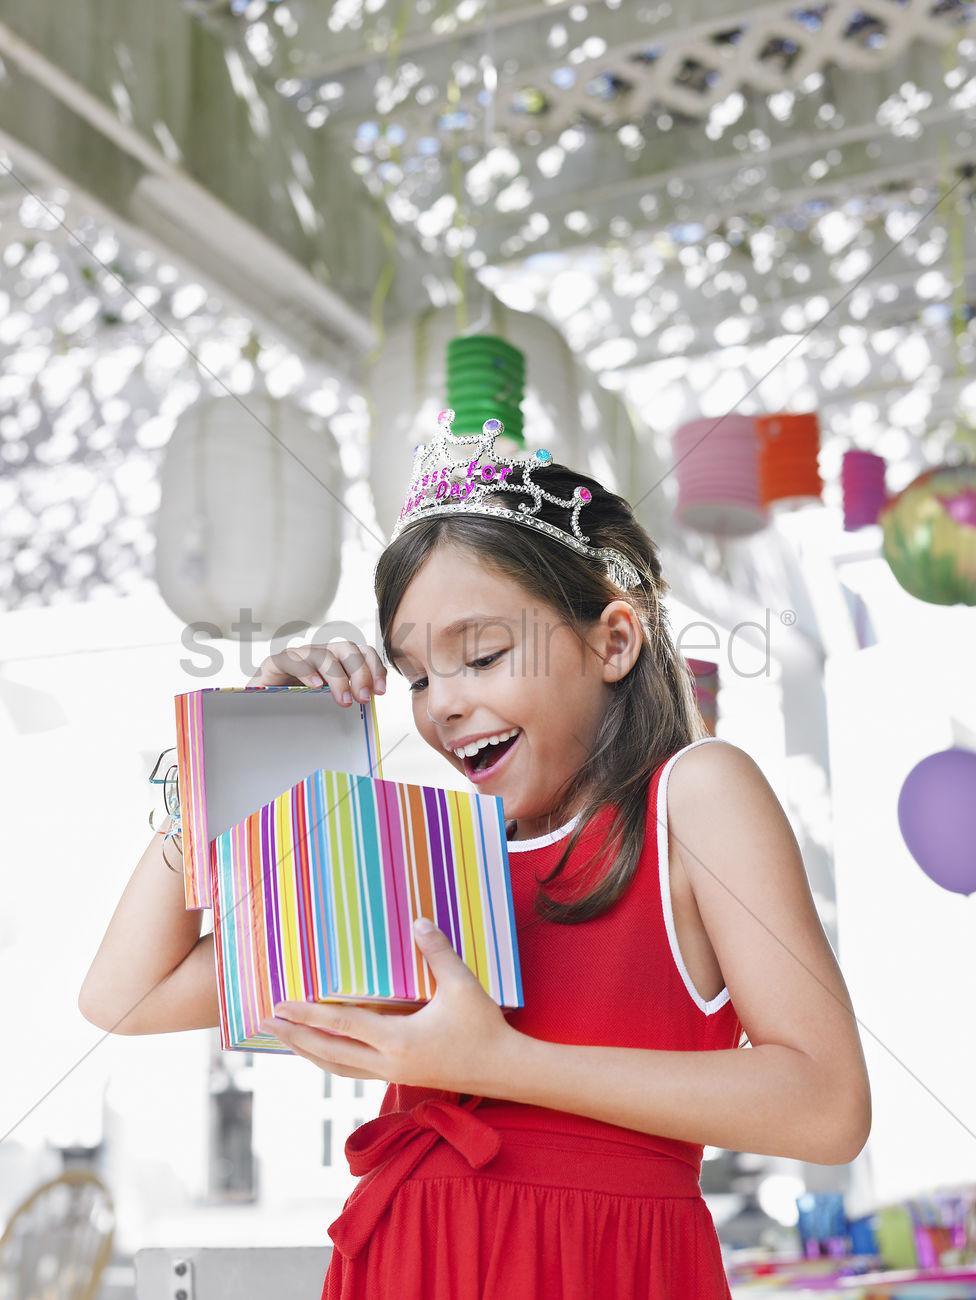 Подарки на день рождения девочке 9 лет фото